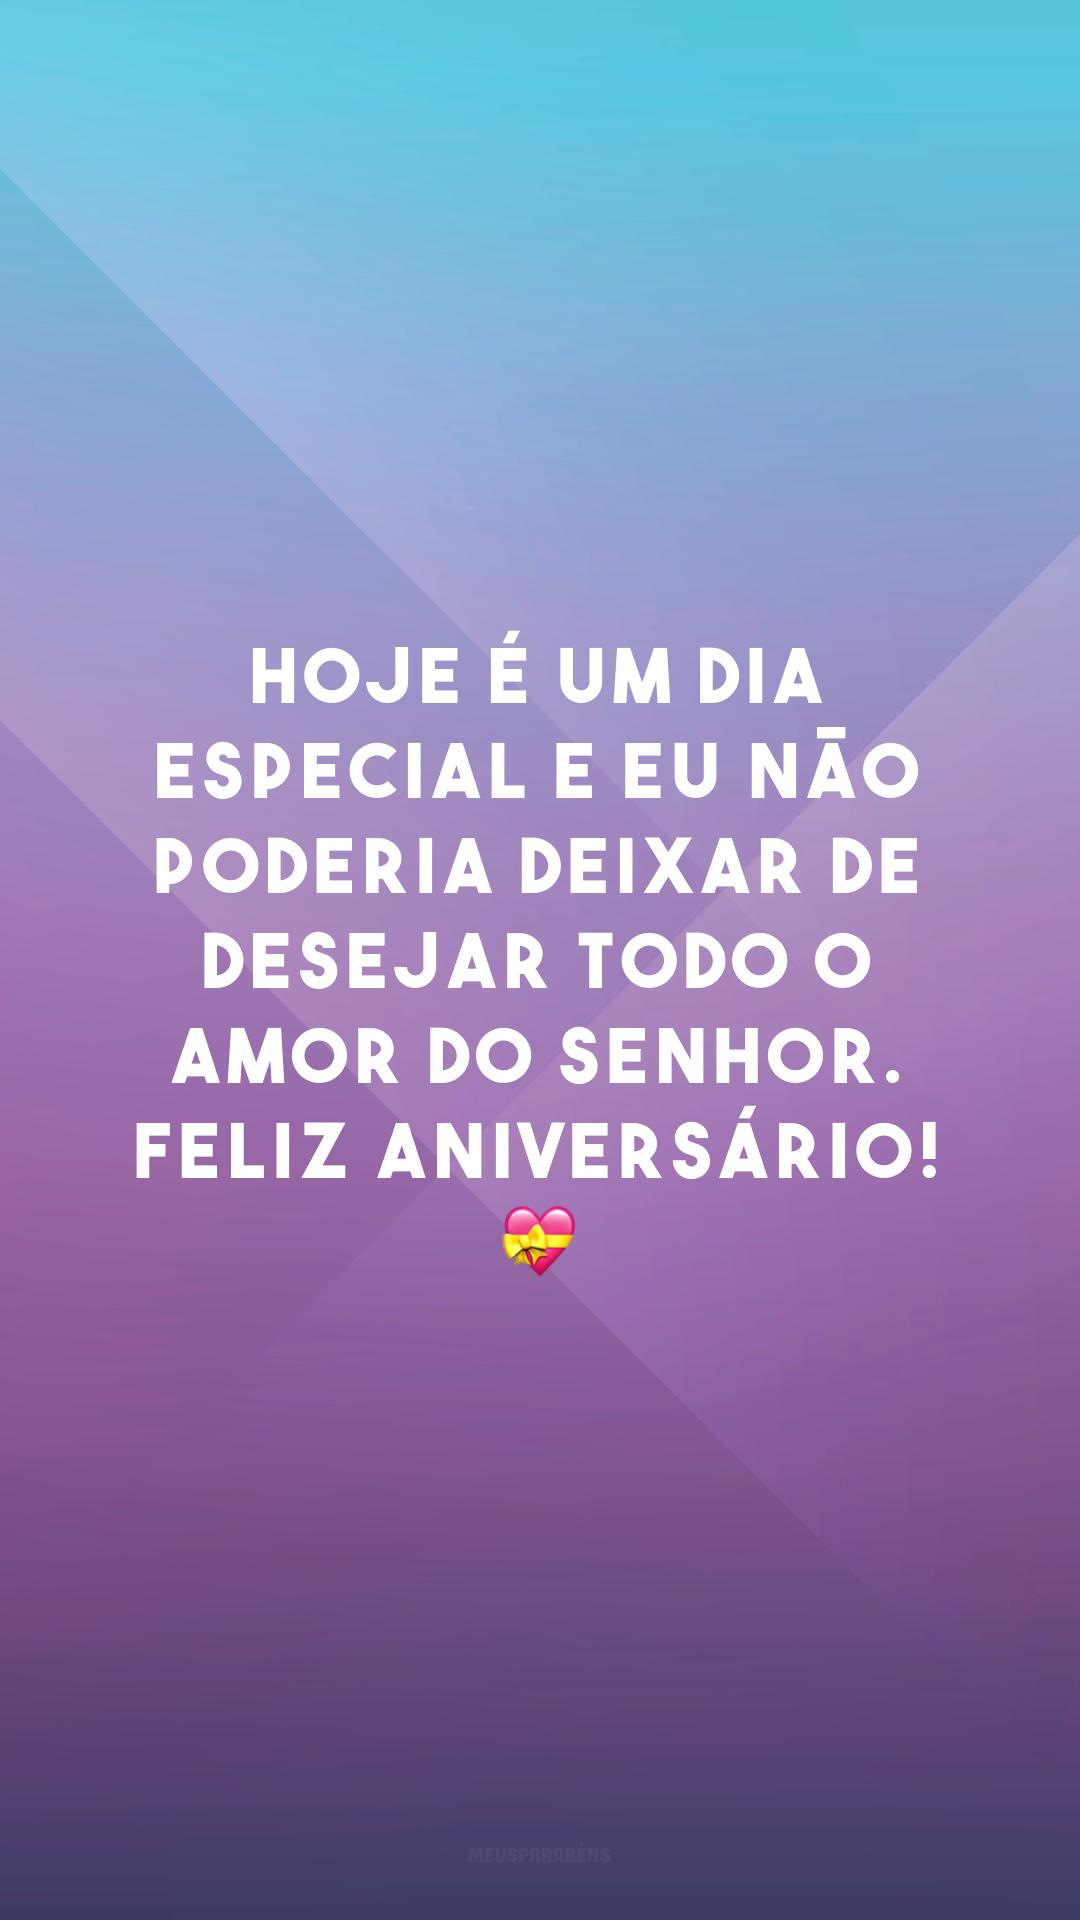 Hoje é um dia especial e eu não poderia deixar de desejar todo o amor do Senhor. Feliz aniversário! 💝